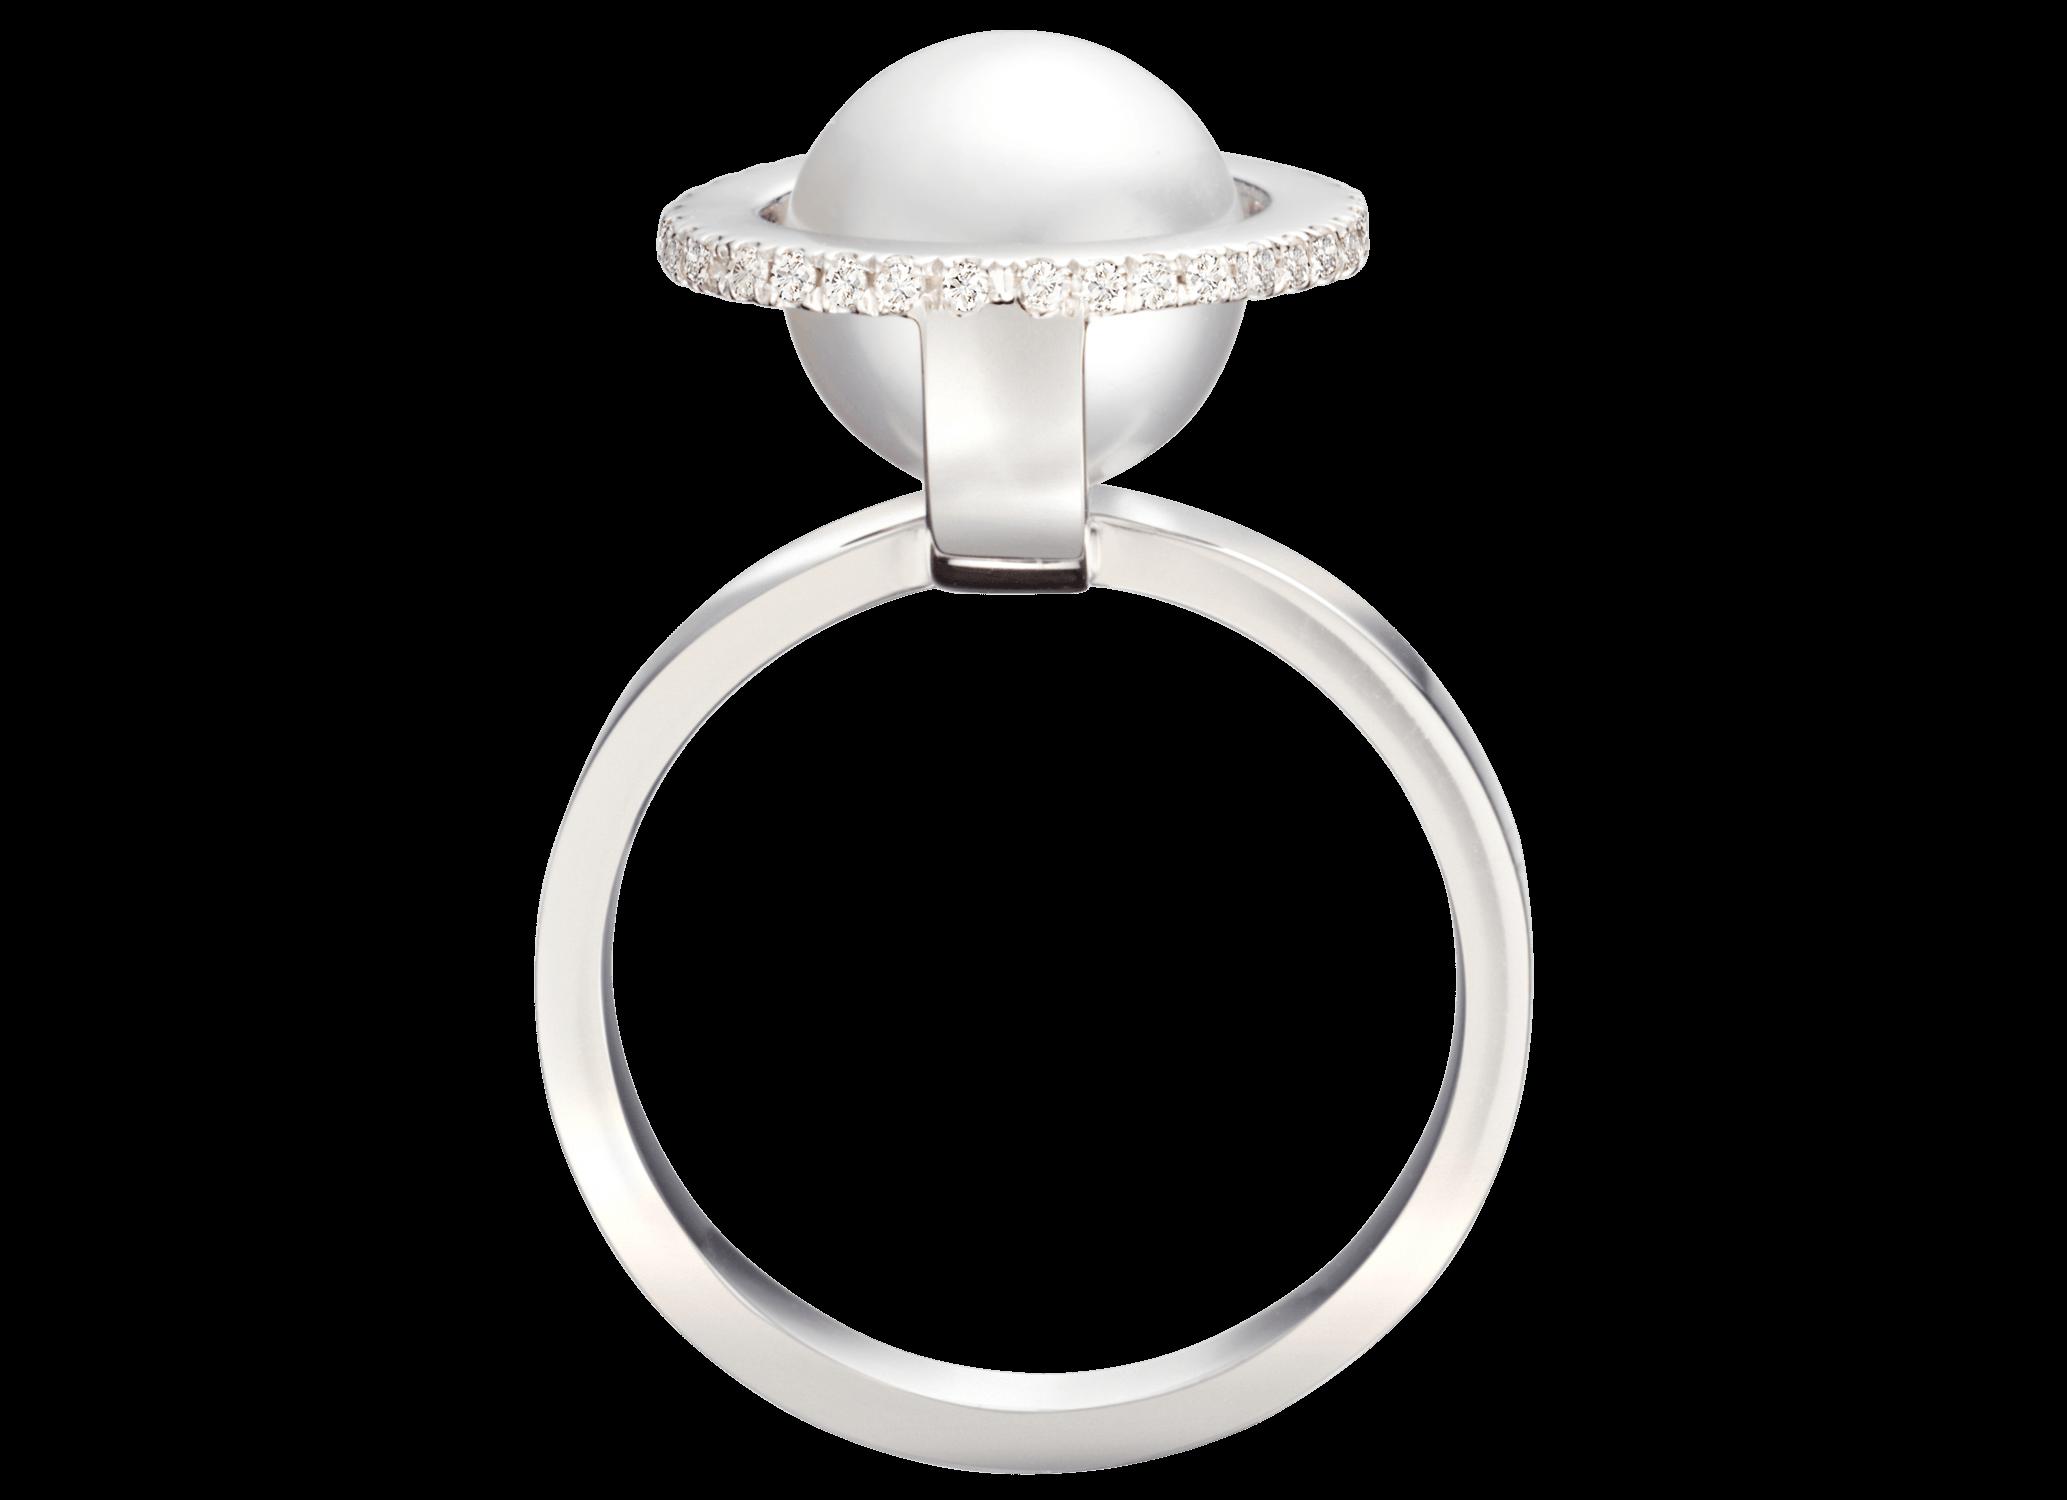 Bague Héstia - Or blanc, perle des mers du sud Ø 9mm & diamants 0,26 carat2 500 €